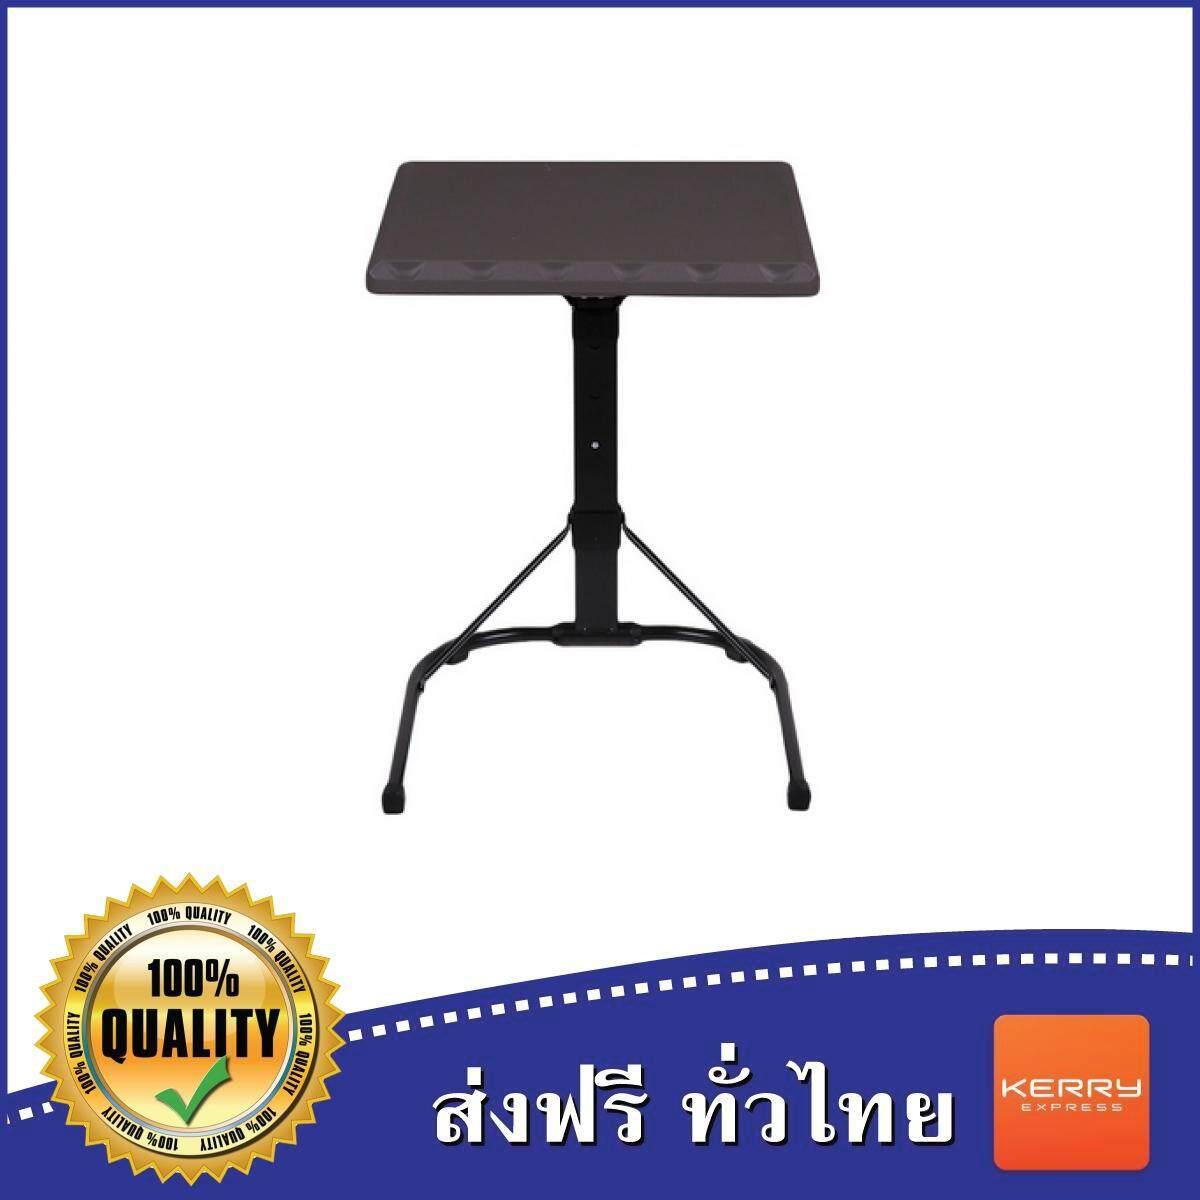 ลดสุดๆ โต๊ะเอนกประสงค์ โต๊ะพับวางของ โต๊ะพับเอนกประสงค์ โต๊ะพับขาเหล็ก โต๊ะพับได้ โต๊ะพับขายของ น้ำหนักเบา เคลื่อนย้ายสะดวก แข็งแรง PORTABLE FOLDING DESK DARK GRAY โต๊ะอเนกประสงค์ FILANO LT-2016 เทาเข